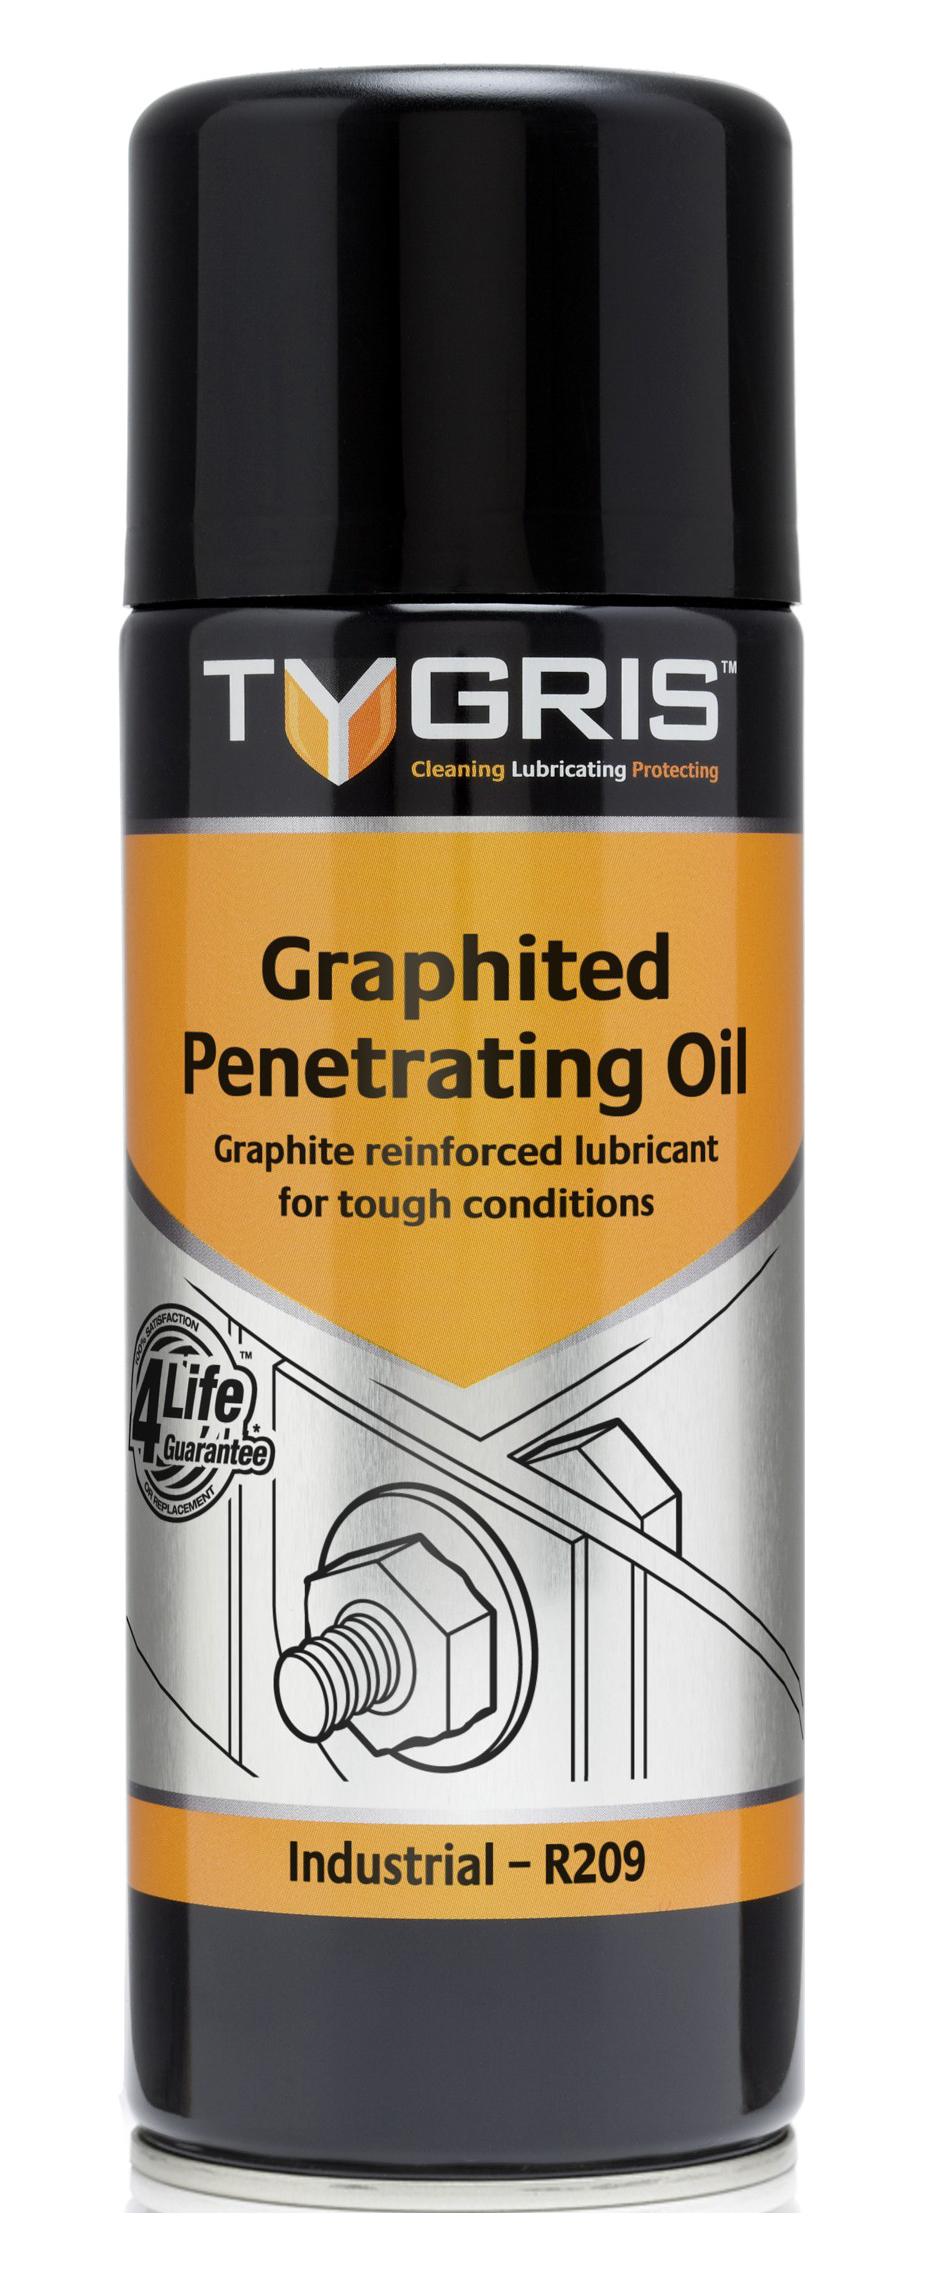 Tygris Graphited Penetrating Oil - grafiiitmääre keerme avamiseks 400ml